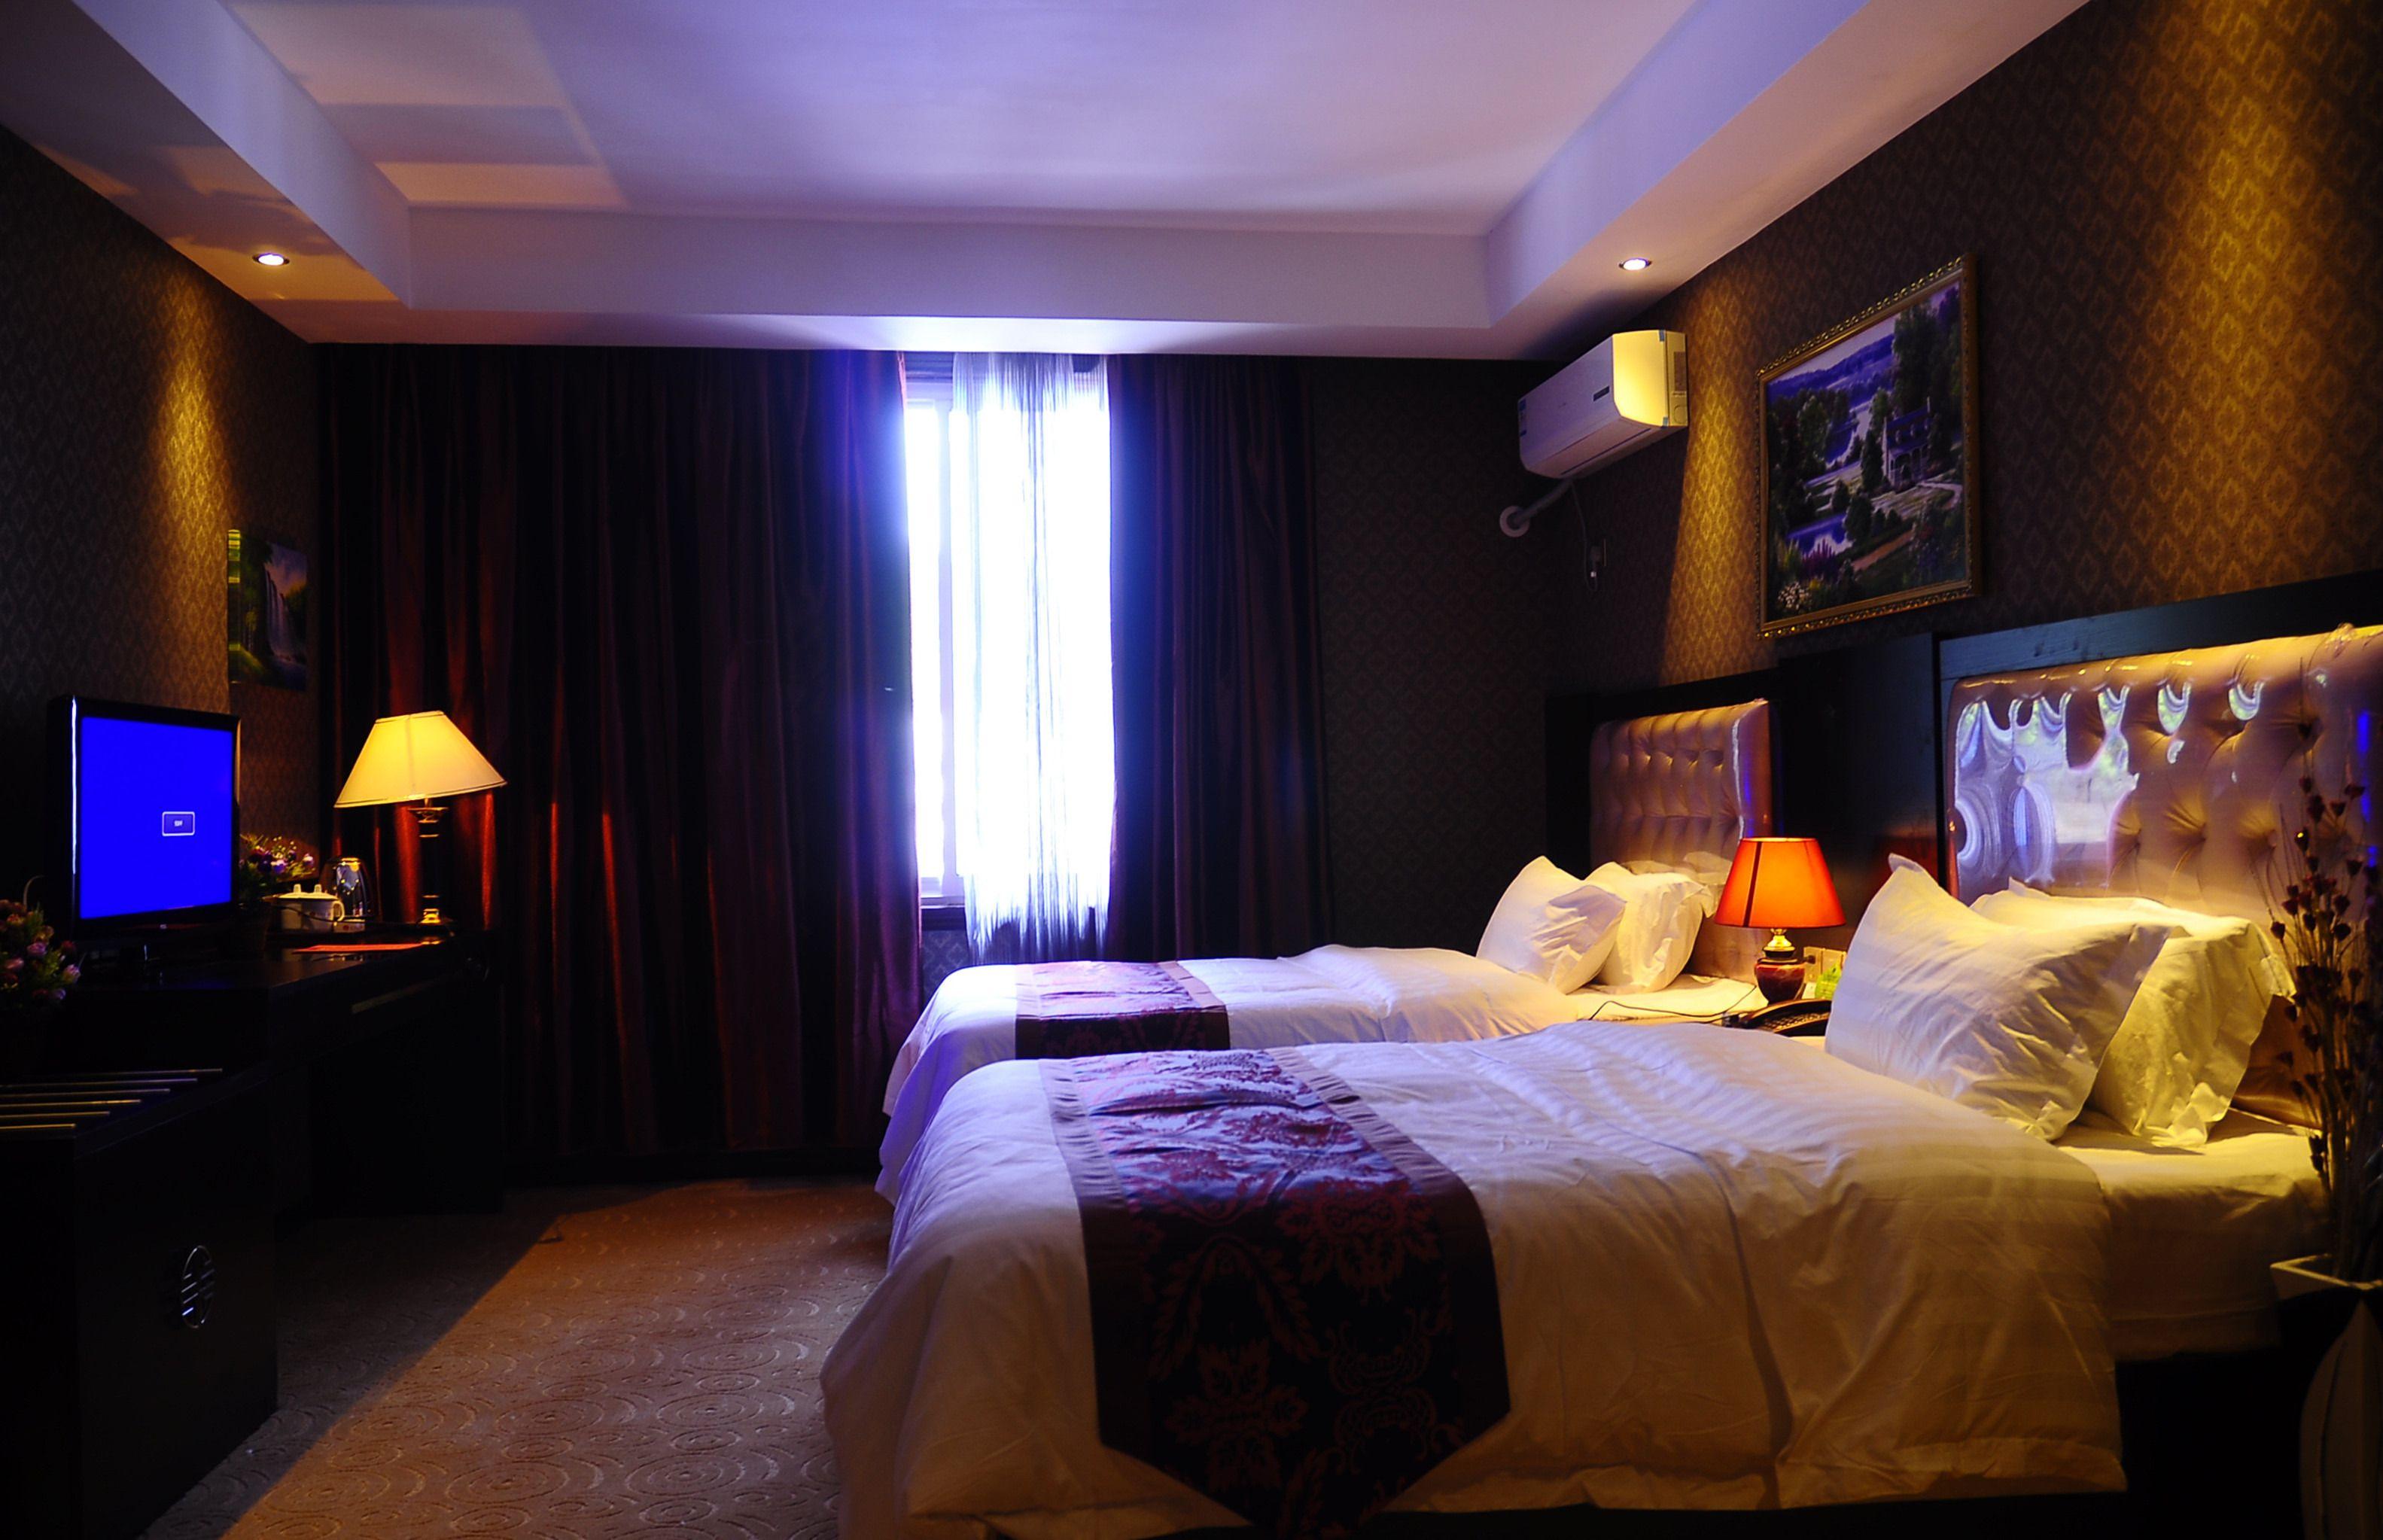 背景墙 房间 家居 酒店 设计 卧室 卧室装修 现代 装修 3166_2046